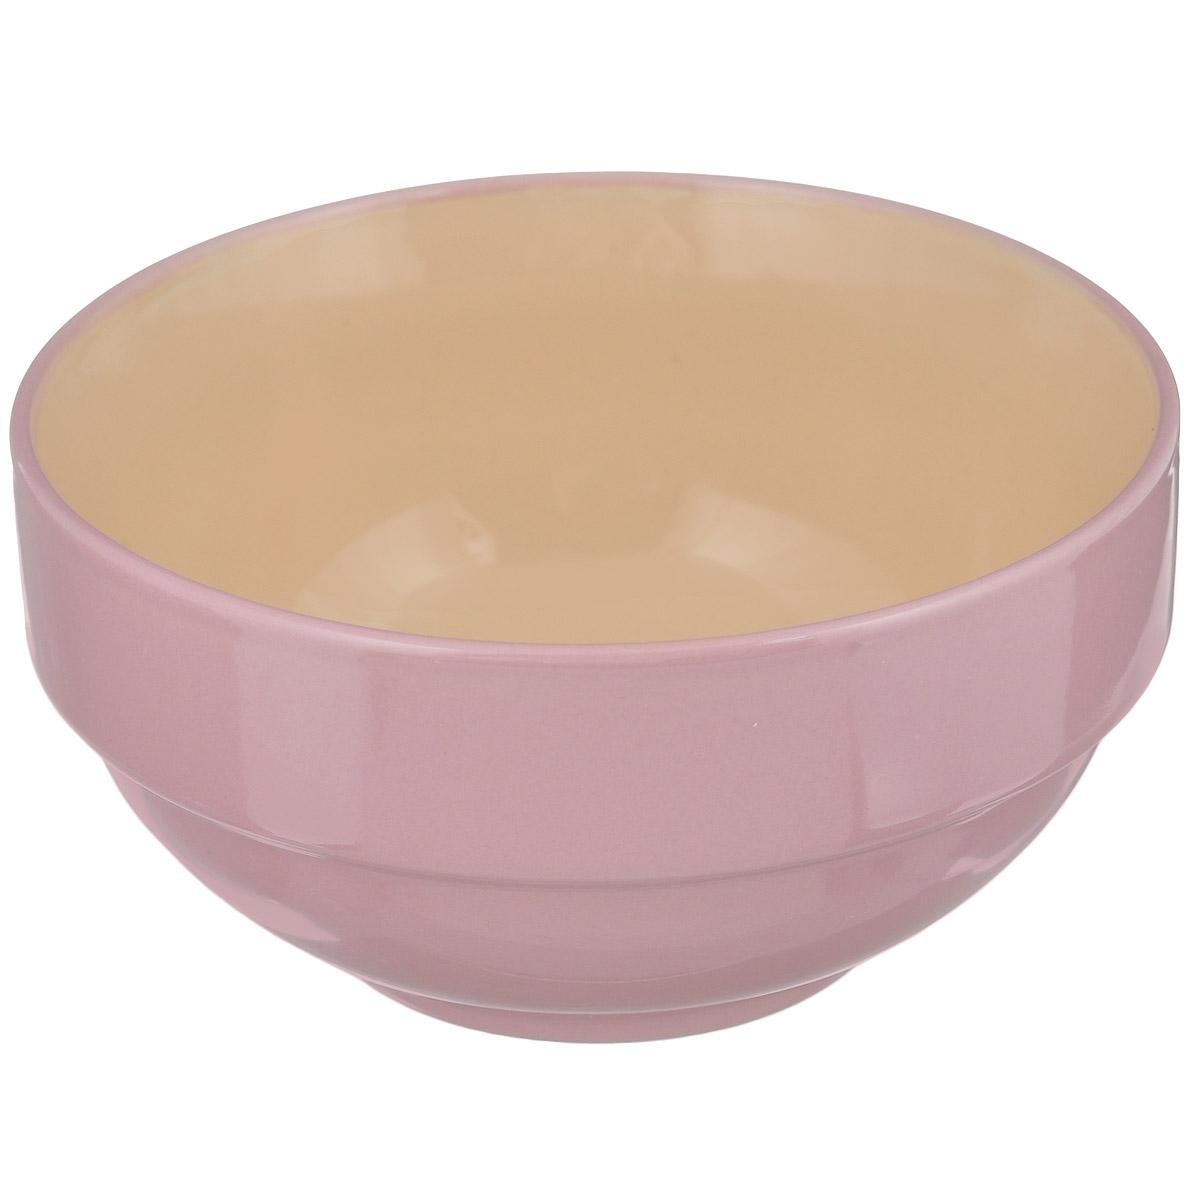 Салатник Shenzhen Xin Tianli, цвет: розовый, 550 мл54 009312Салатник Shenzhen Xin Tianli выполнен из высококачественной керамики. Салатник прекрасно подойдет для сервировки различных блюд. Яркий дизайн украсит стол и порадует вас и ваших гостей. Диаметр: 14 см. Высота: 7 см. Объем: 550 мл.